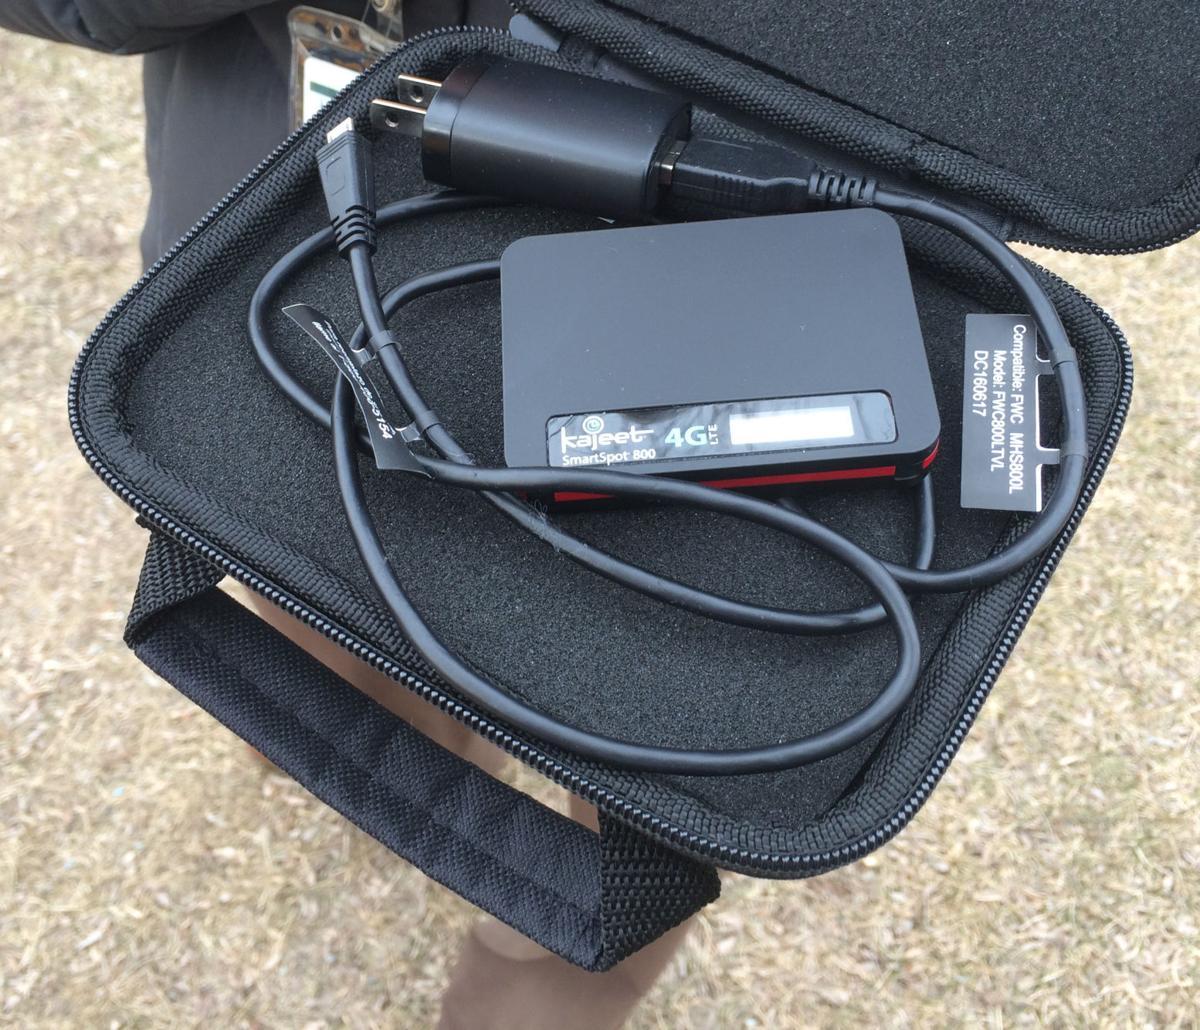 Wireless capability